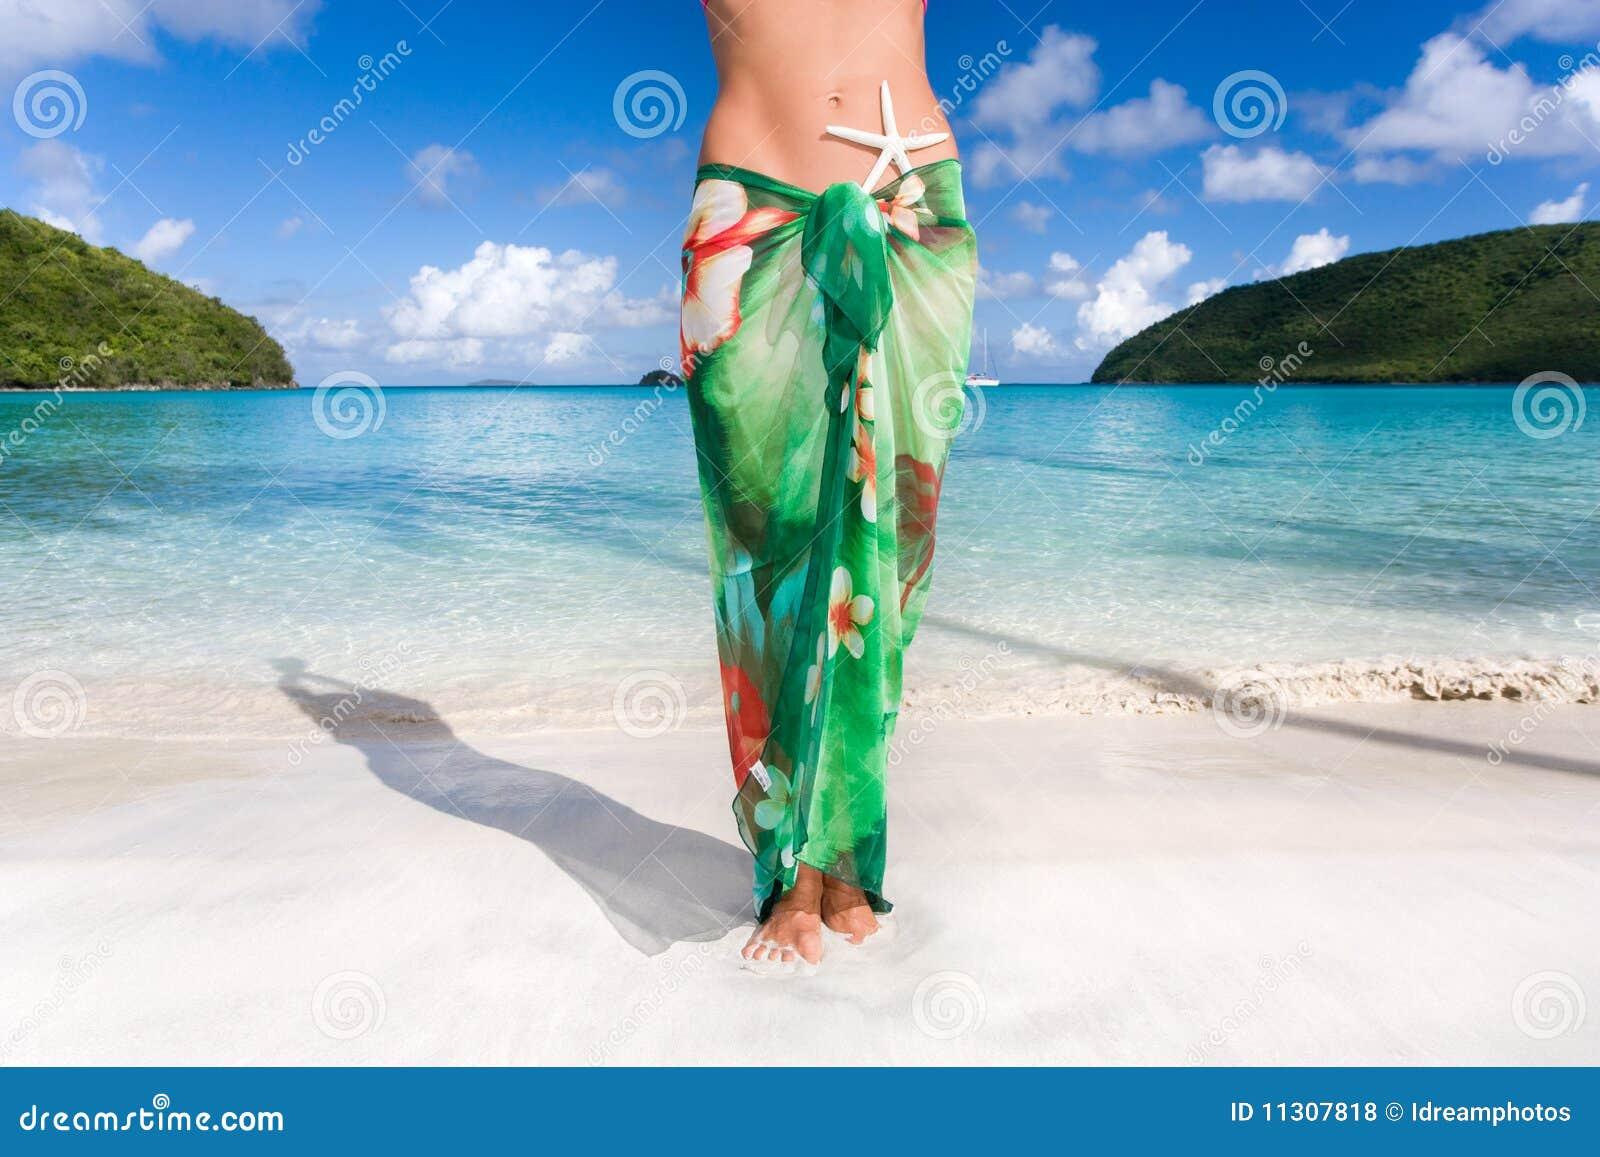 Starfish Sarong